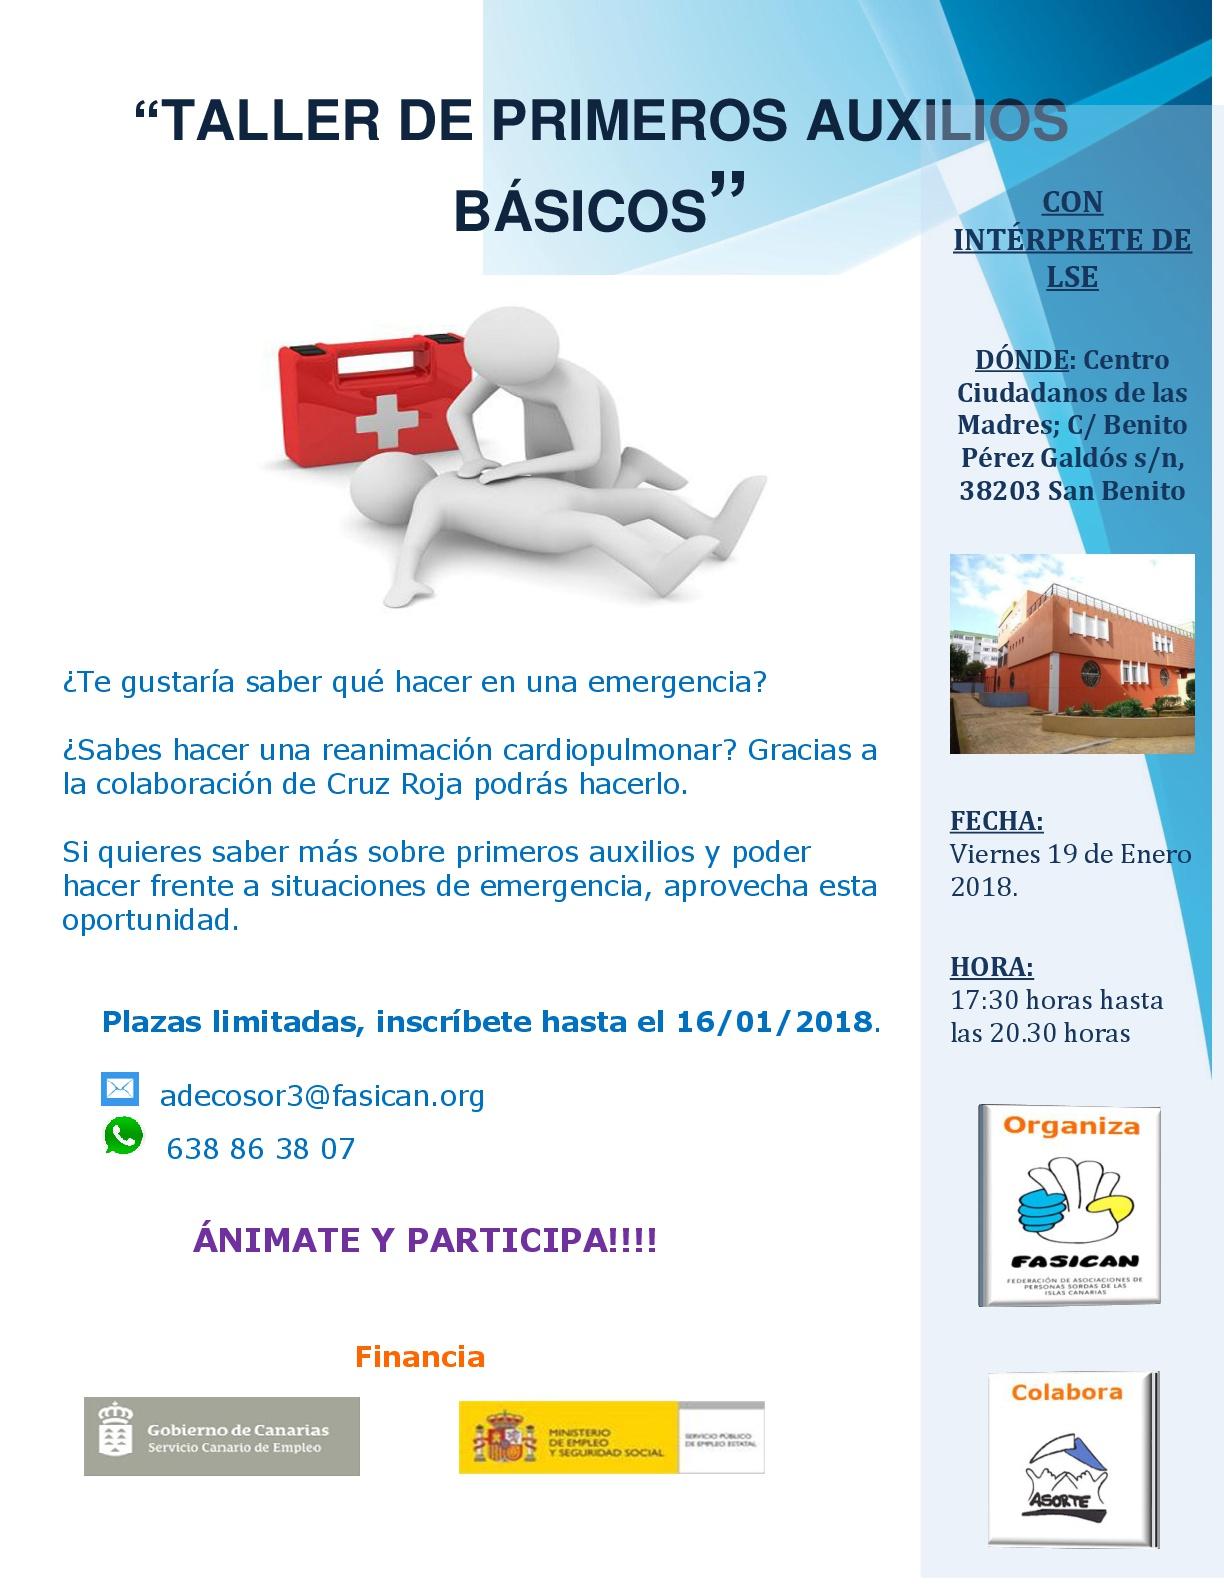 Taller de primeros auxilios básicos - FASICAN